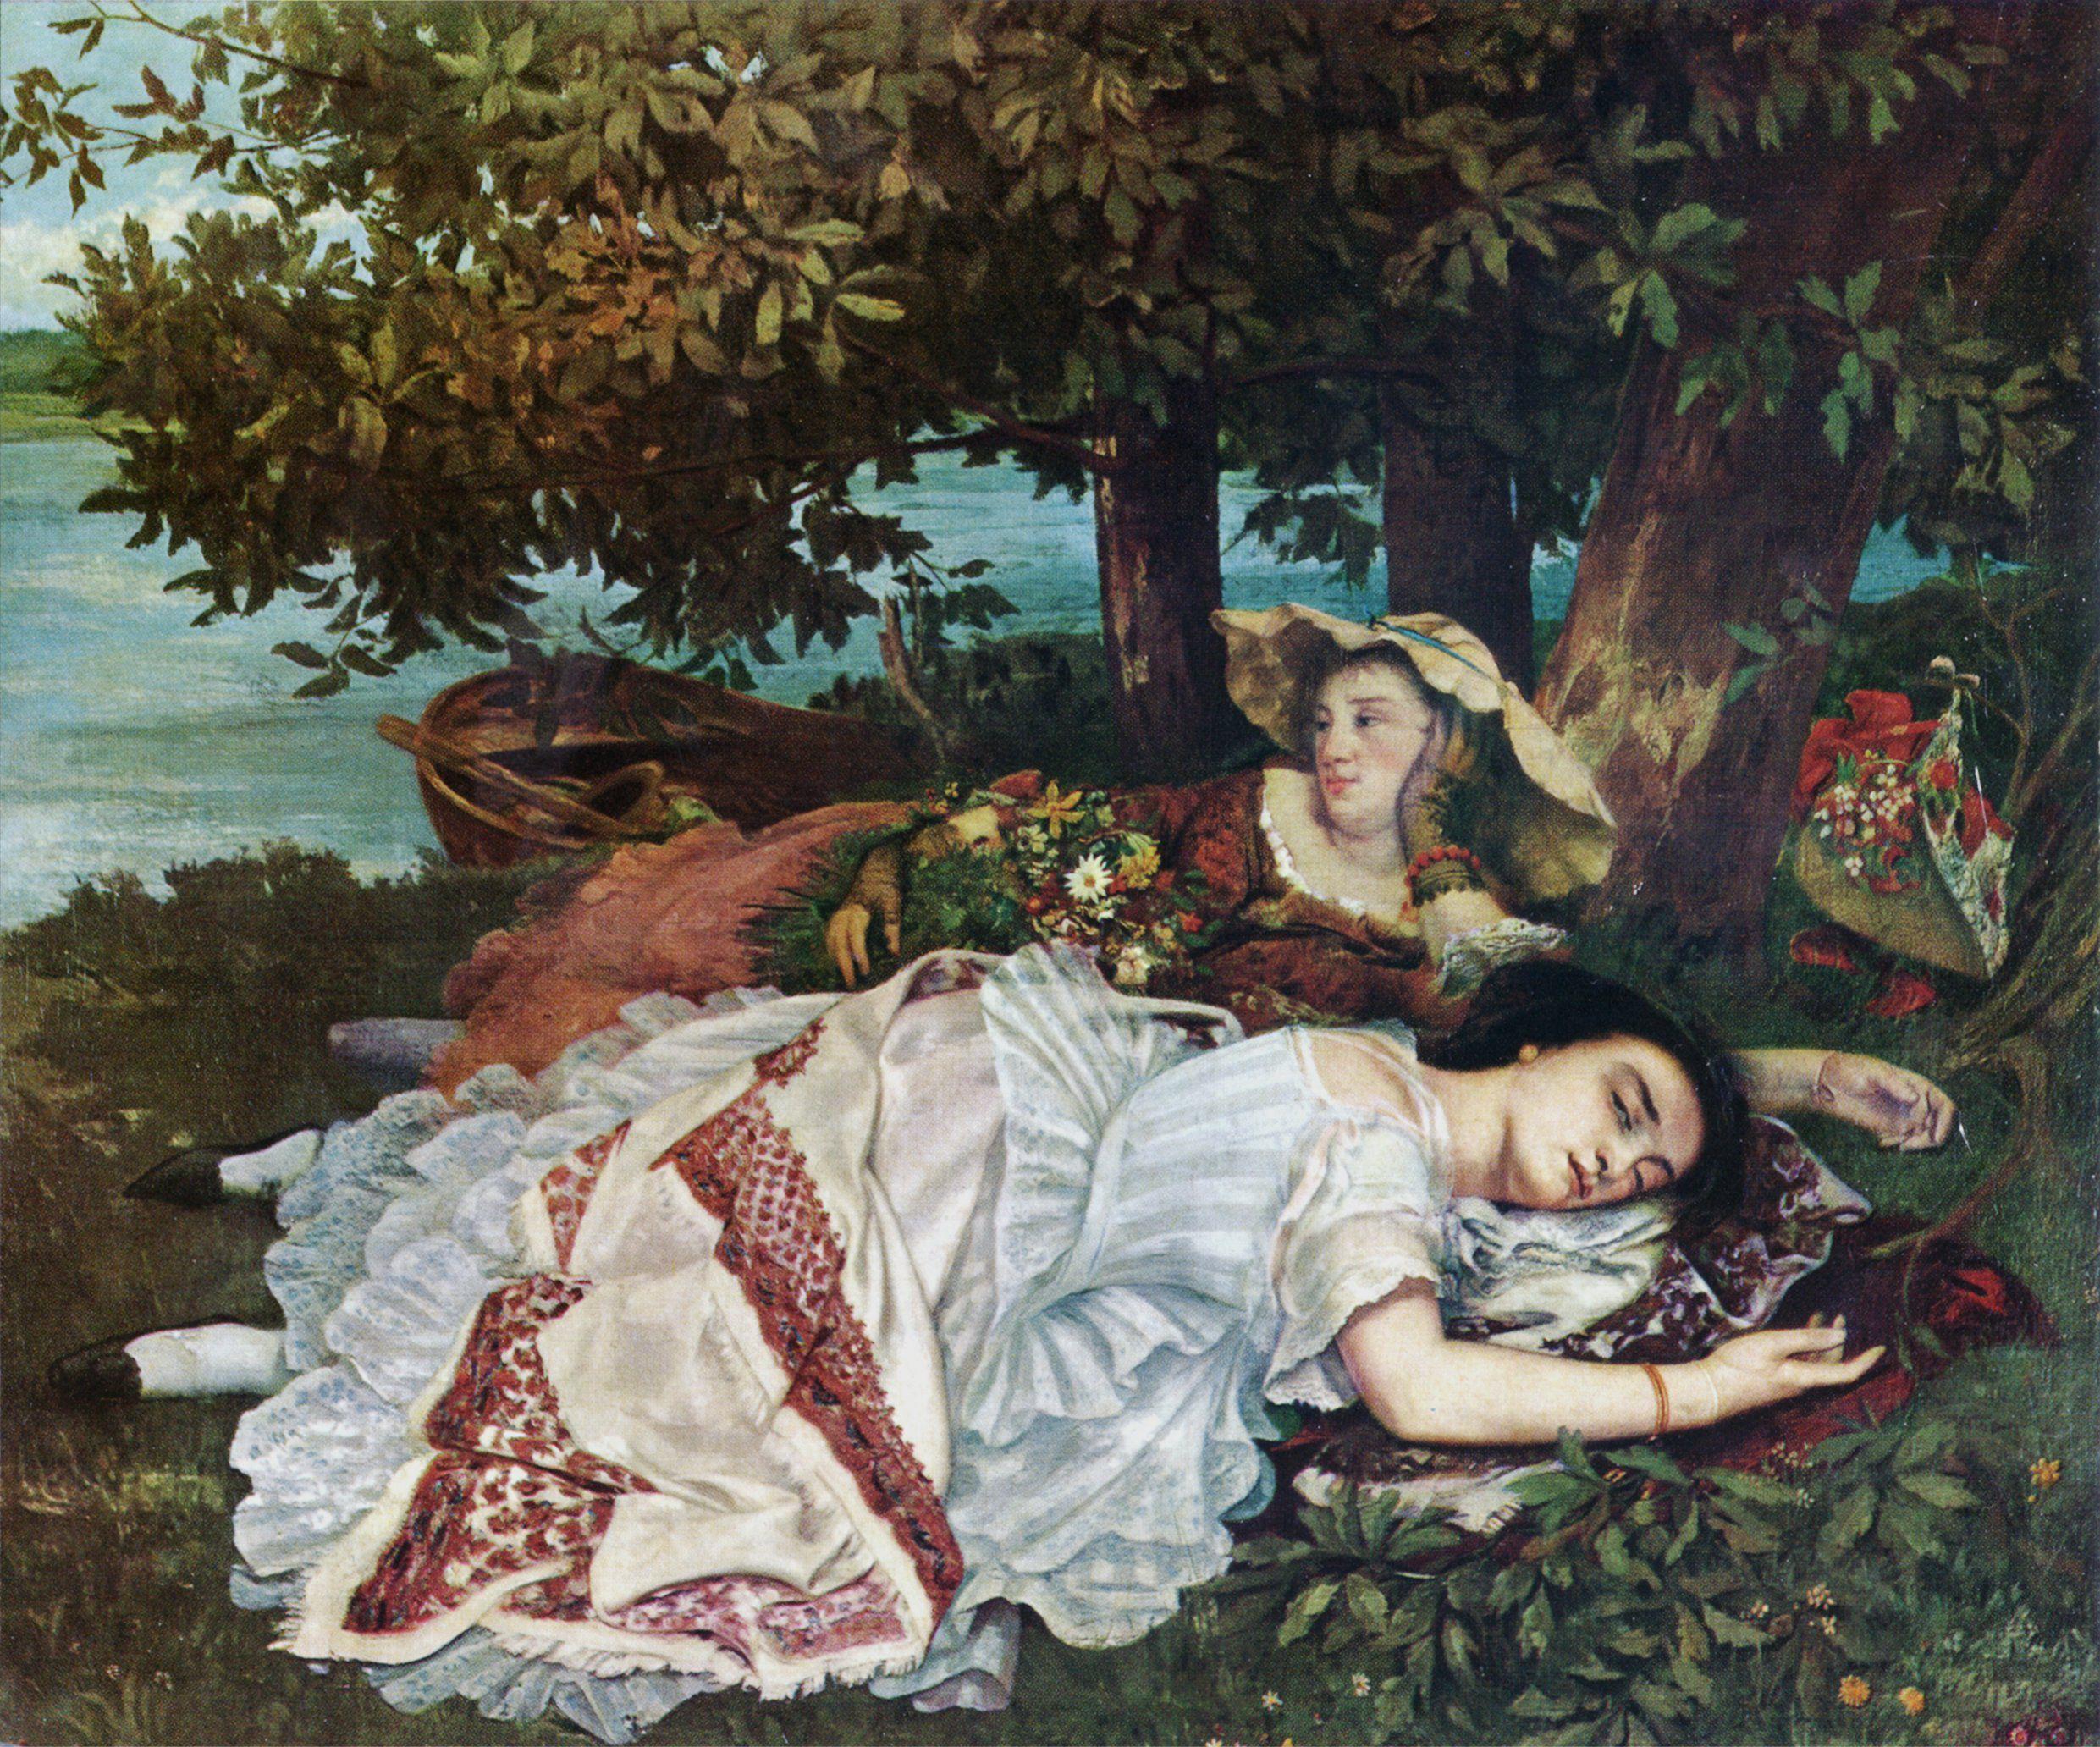 Figura 24 - Gustave Courbet, As senhoritas da beira do Sena (verão).